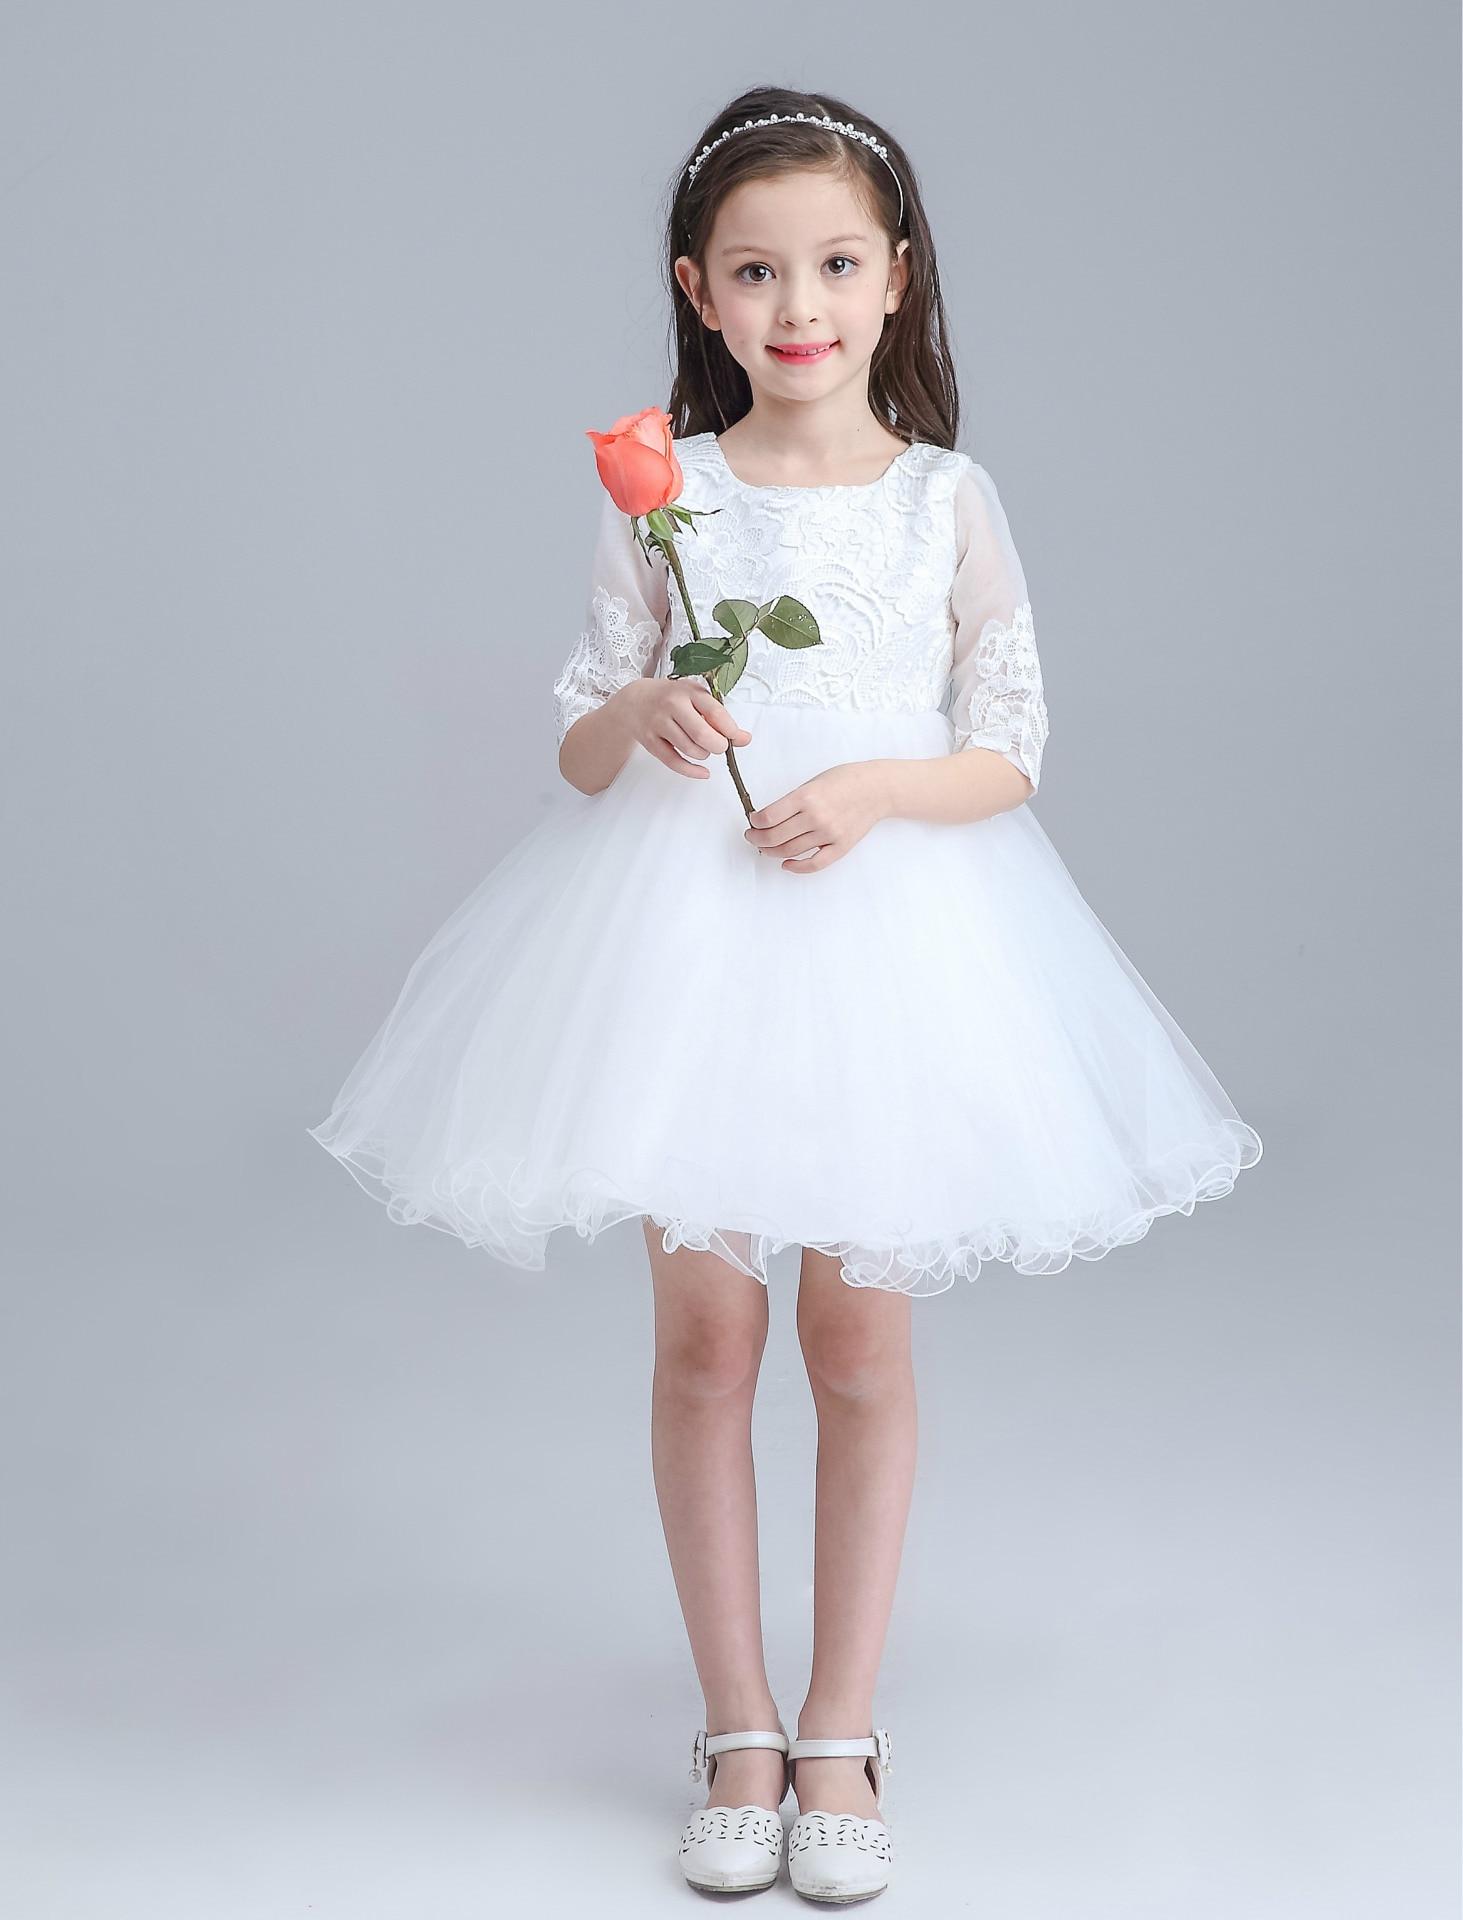 White Mini Formal Girl Dress Half Sleeve Christmas Girl Party ...